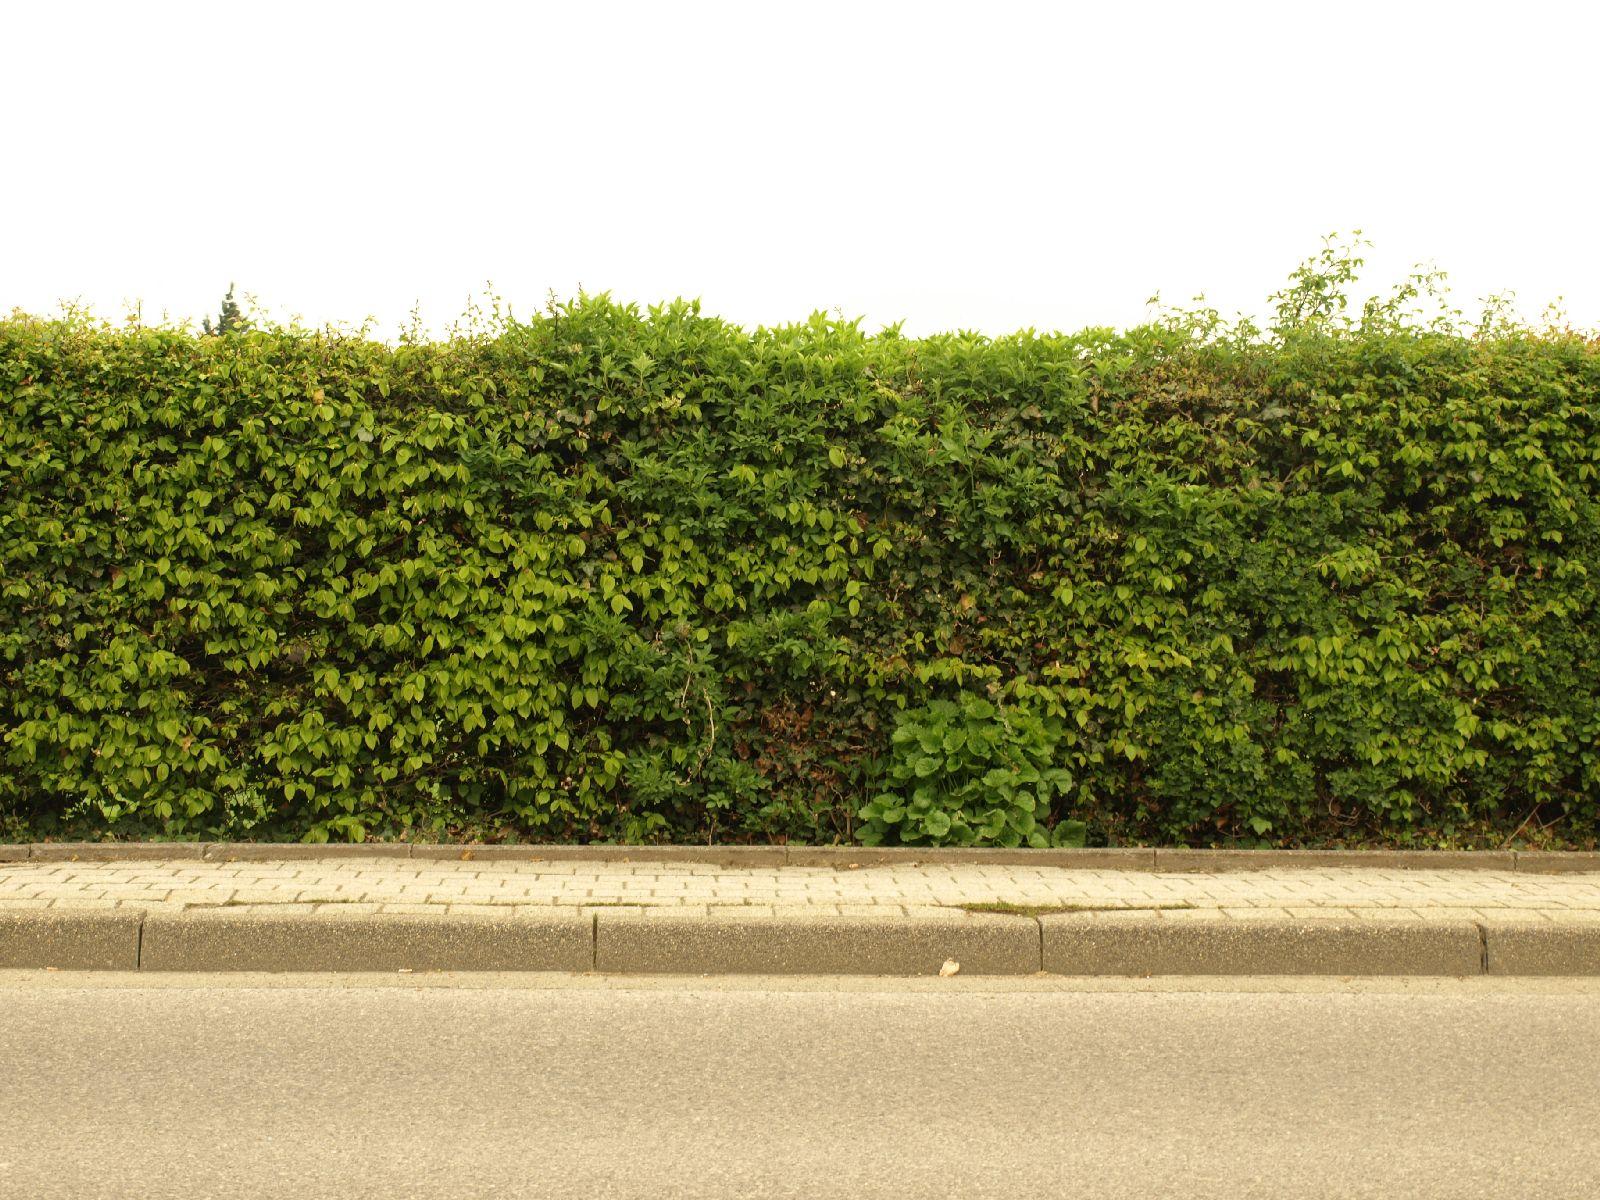 Pflanzen-Hecken-Foto_Textur_B_P4232651